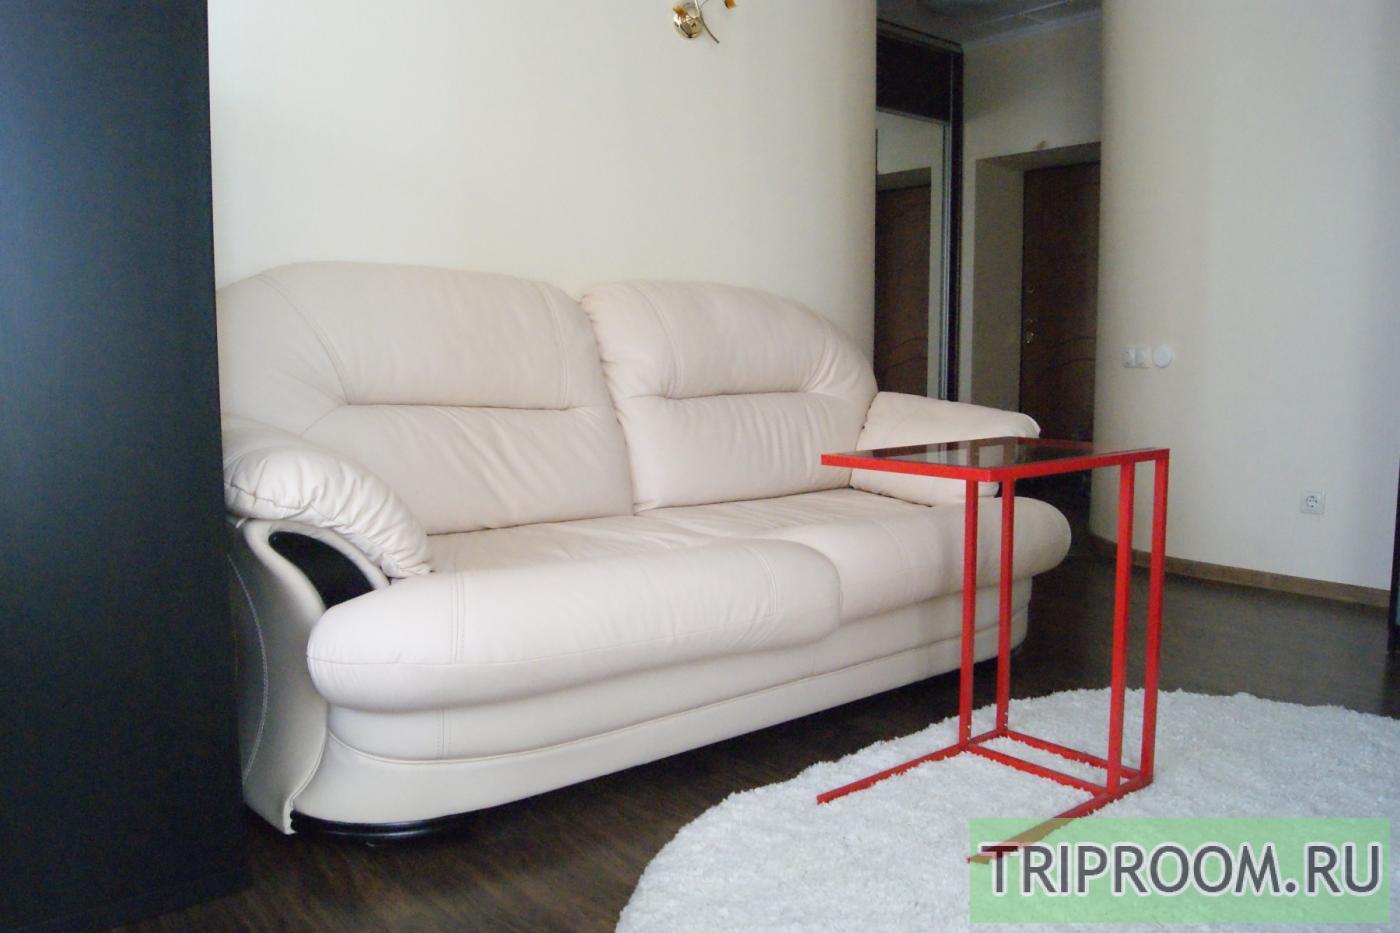 1-комнатная квартира посуточно (вариант № 22116), ул. Красноармейская улица, фото № 5